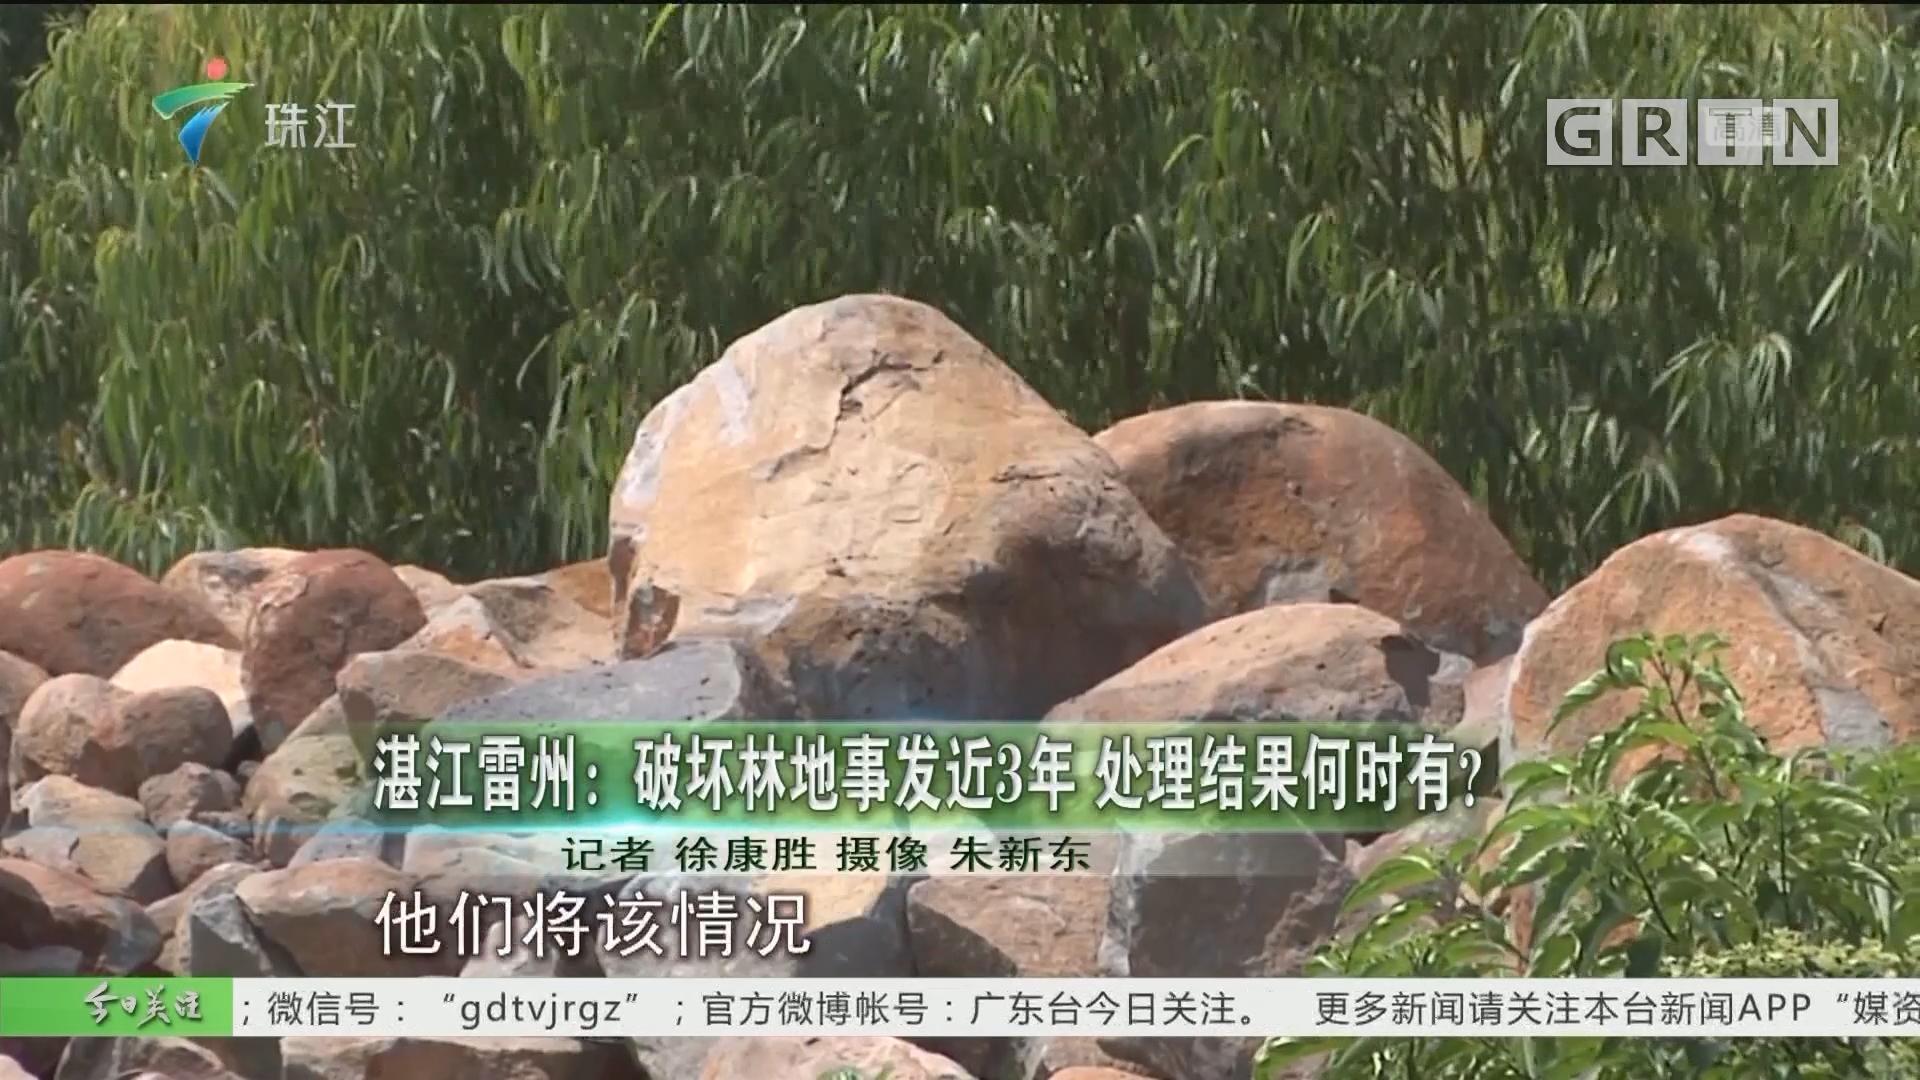 湛江雷州:破坏林地事发近3年 处理结果何时有?